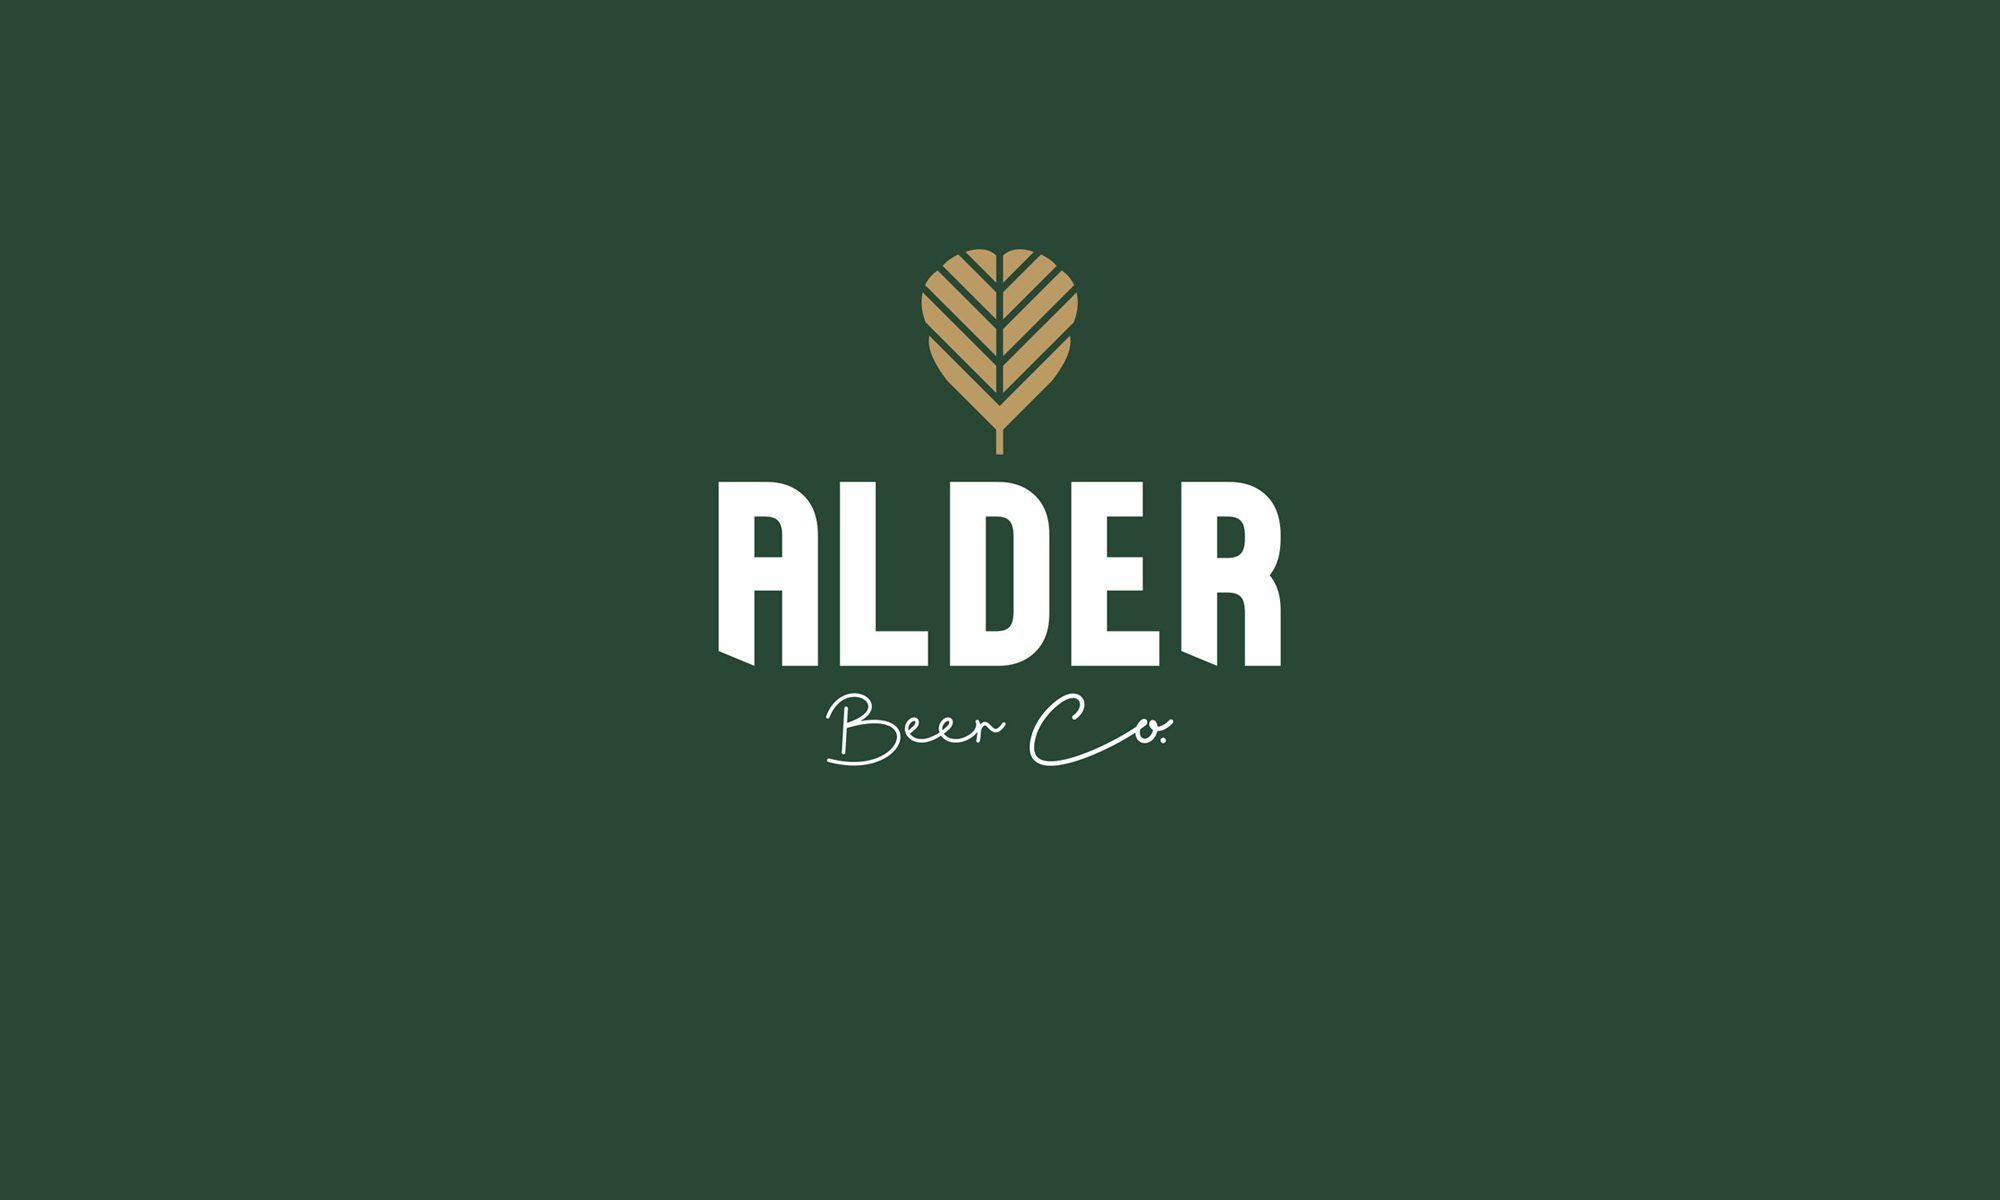 Alder Beer Co.